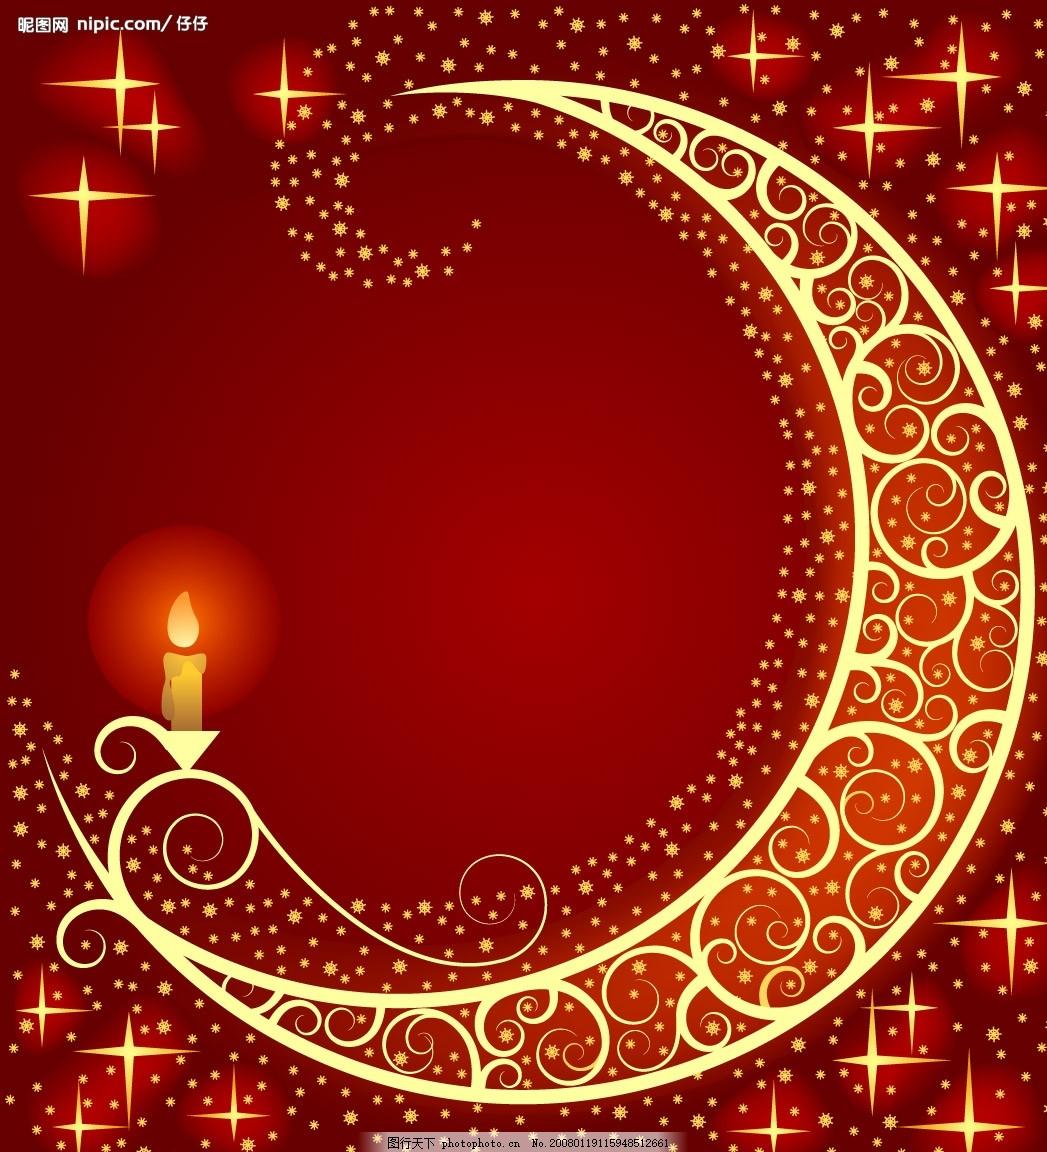 闪闪发光的月亮元素矢量素材 弯弯的月亮 蜡烛 星光灿烂 底纹边框